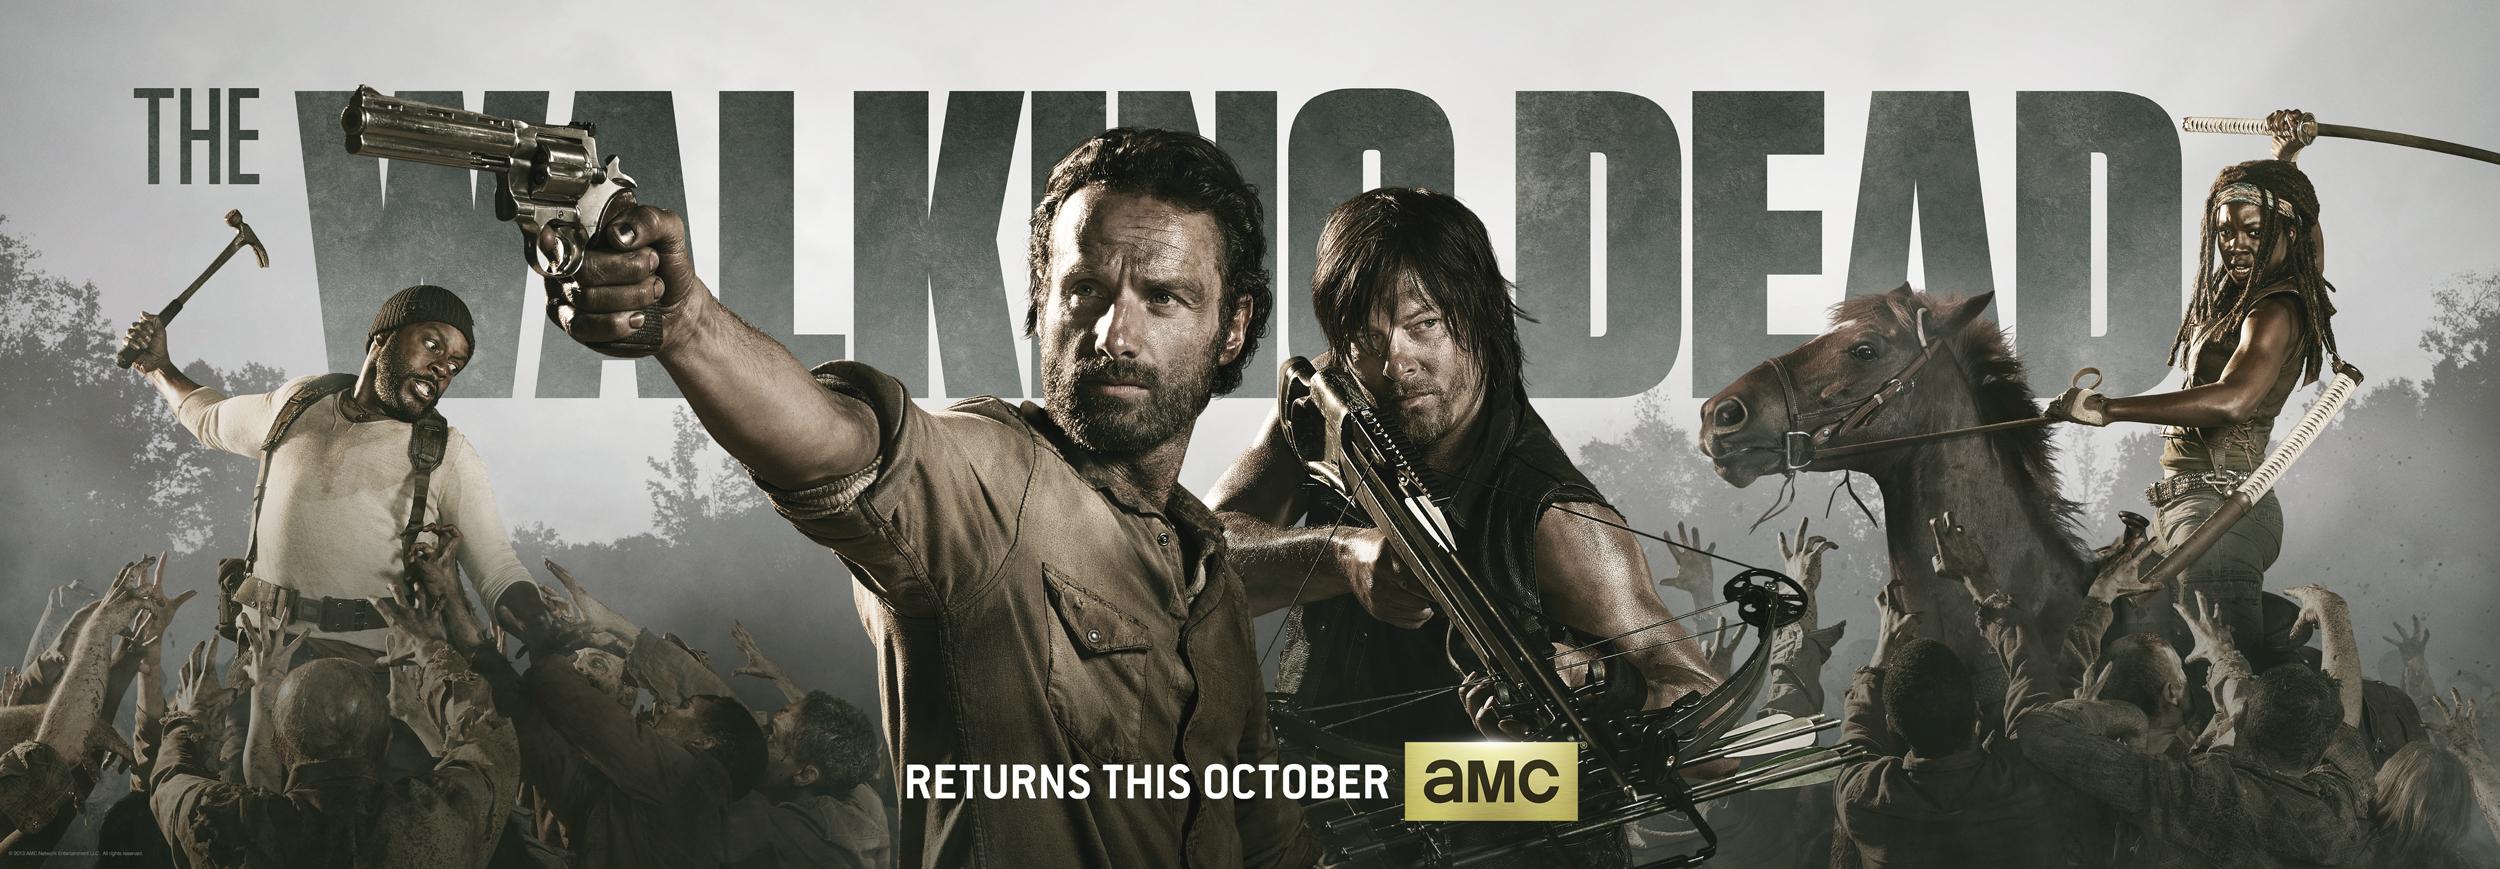 The Walking Dead Quarta Temporada: Conheça os novos personagens